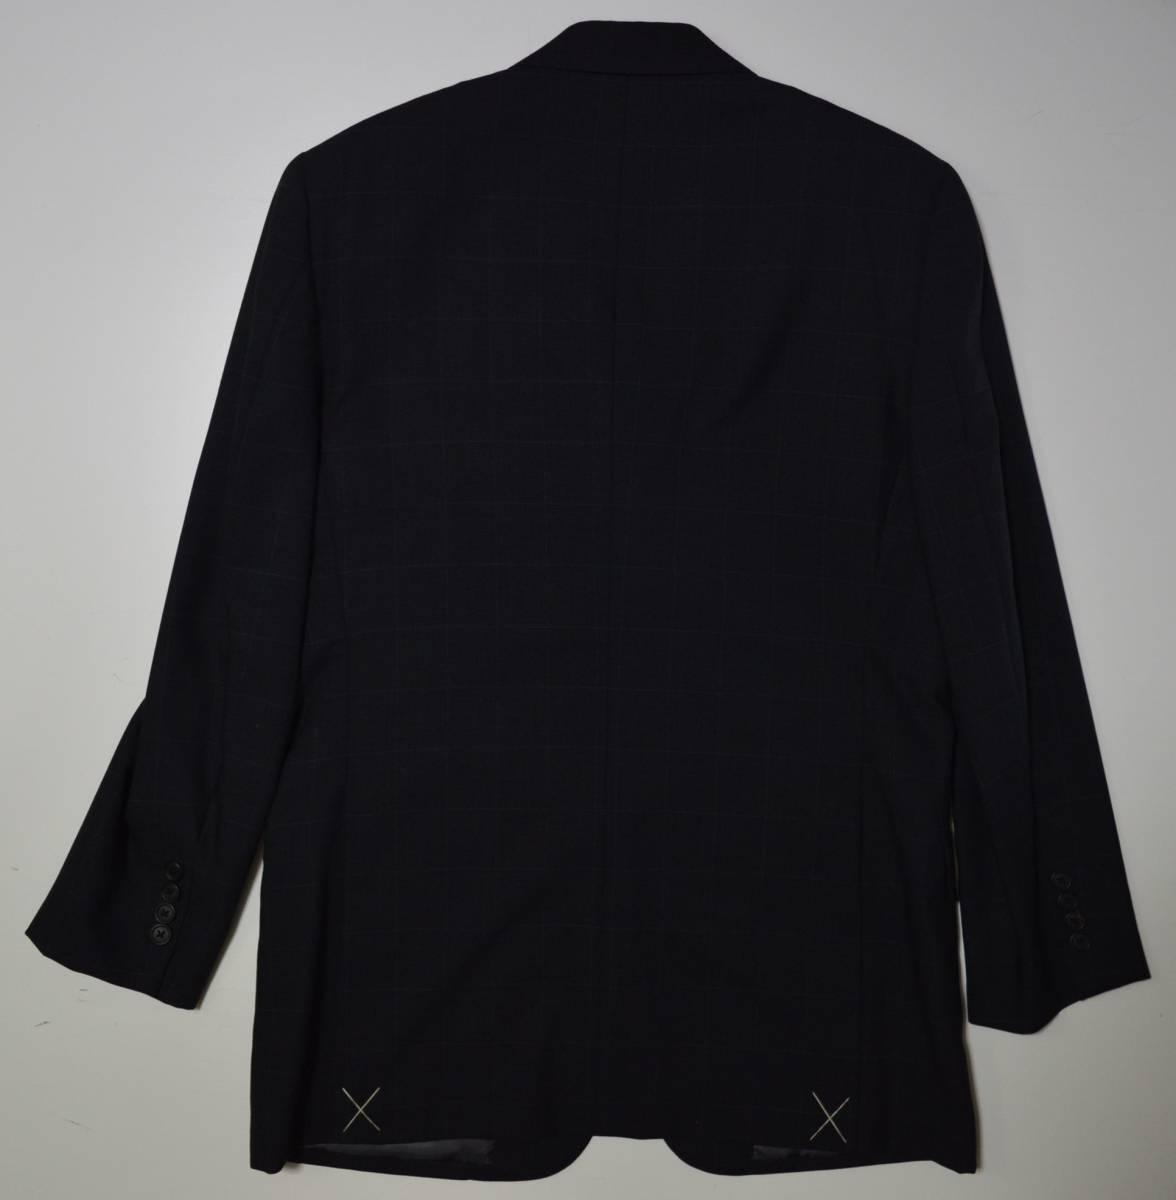 ☆最終お値引き☆新品 GLENOVER スーツ AB5 定価約7~10万 イタリア製生地 グレンオーバー ■新品・お買い得・即決あります■1884 _画像3